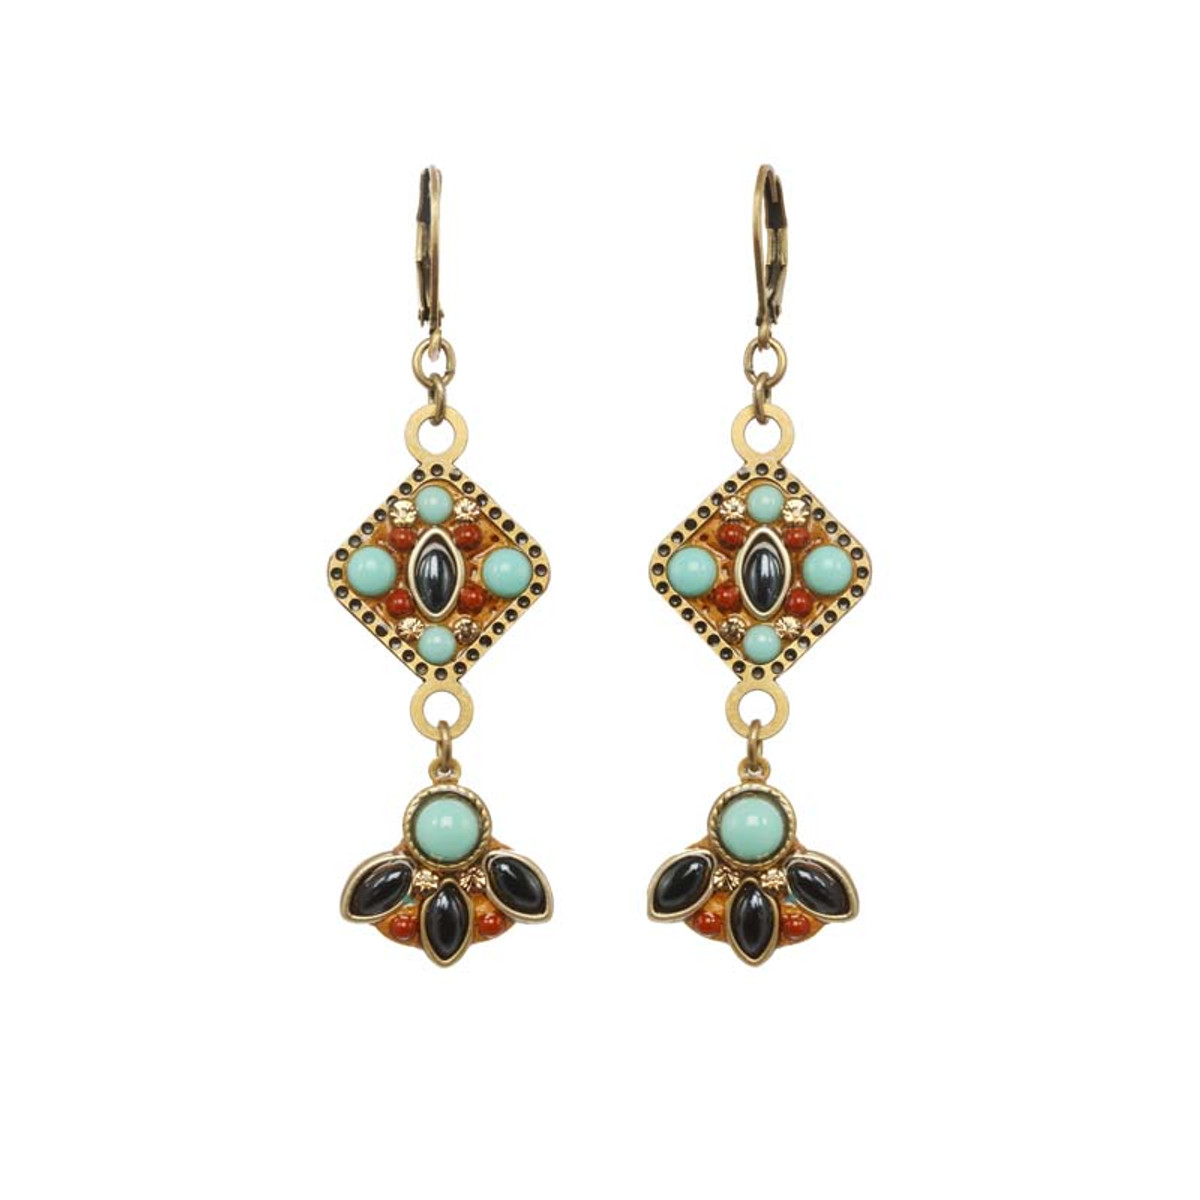 Michal Golan Jewellery Southwest Gold Earrings